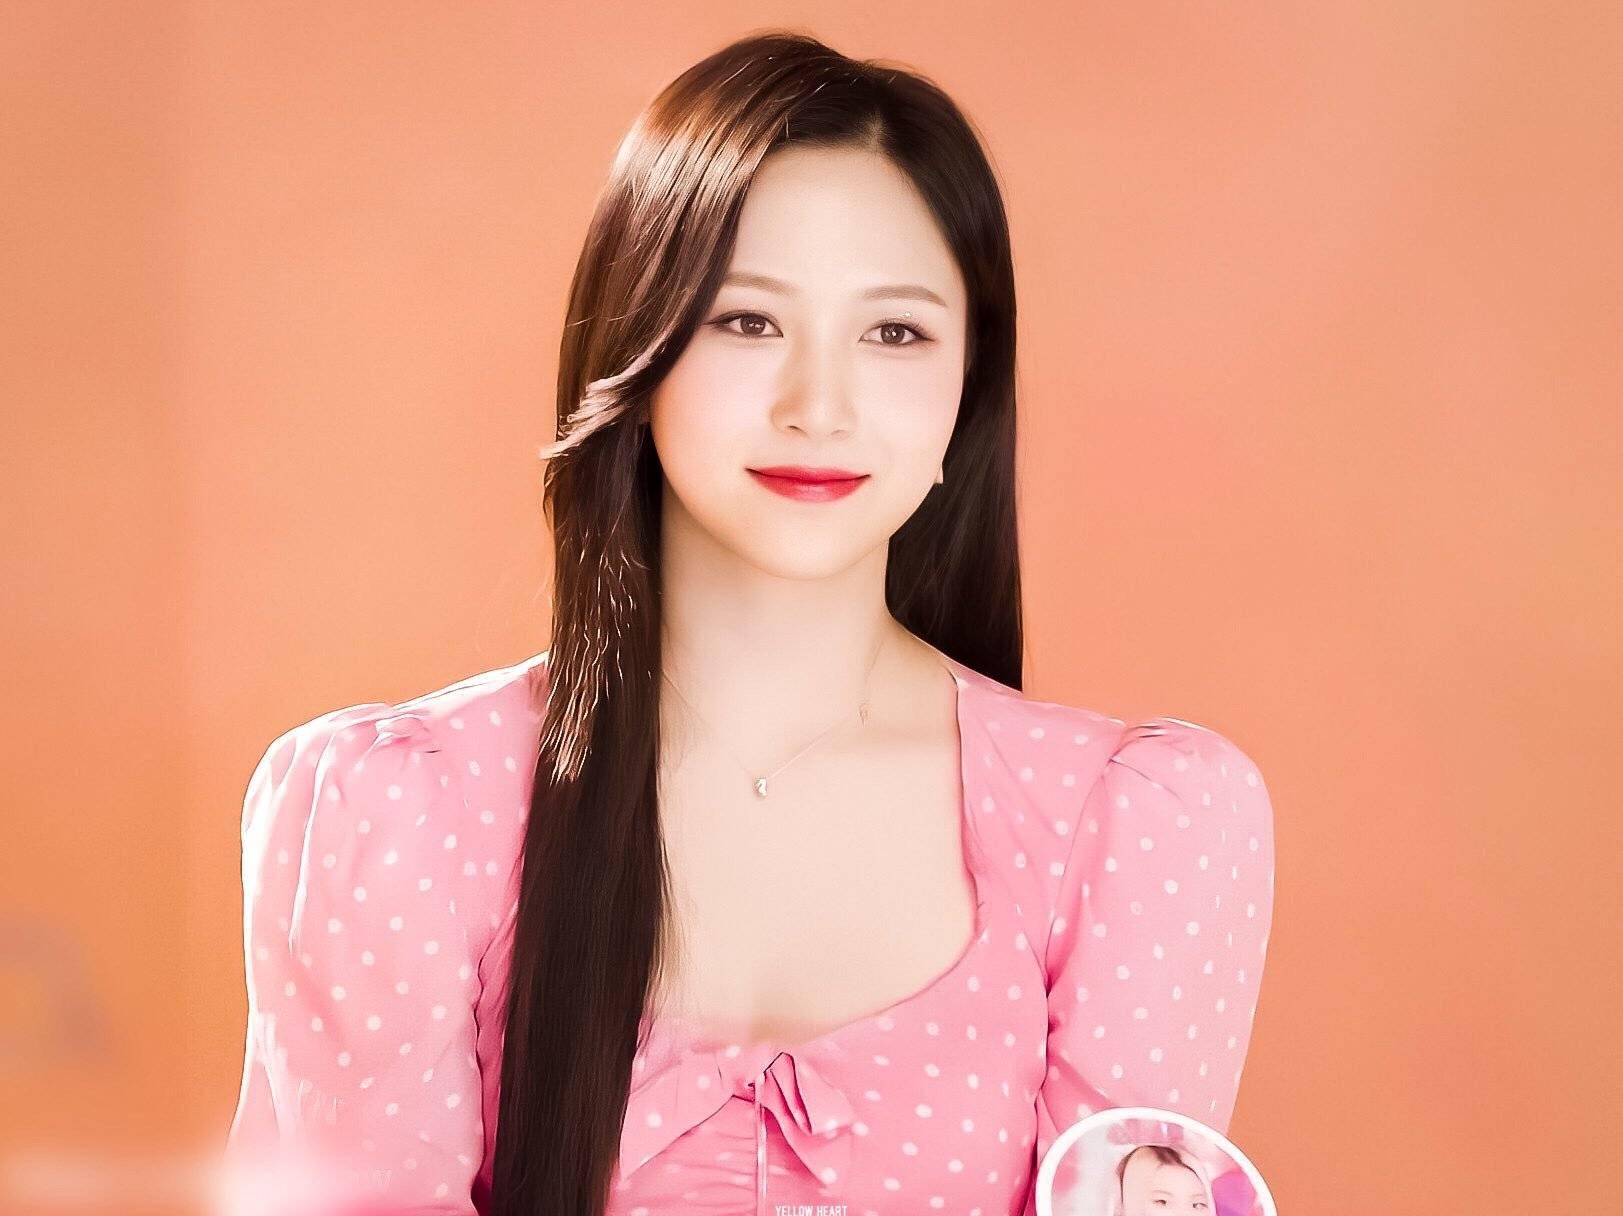 Cô nàng sở hữu gương mặt cân mọi màu tóc, từ mái tóc vàng rực nổi bật như búp bê đến nét đẹp dịu dàng với mái tóc đen dài.